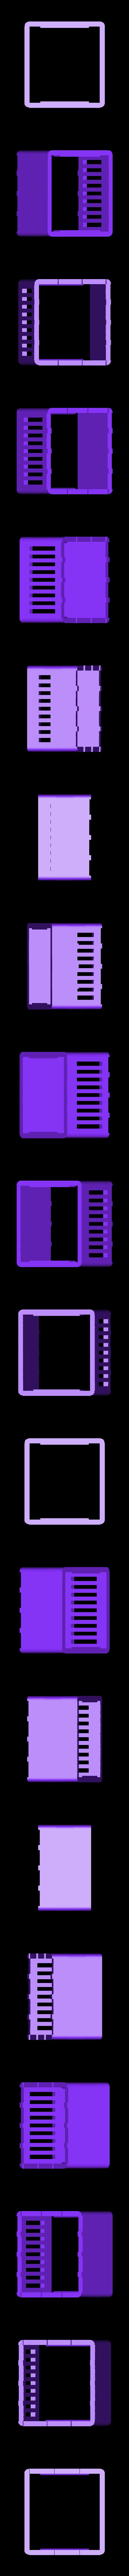 Coffee_Holder.stl Télécharger fichier STL gratuit Boîte à expresso (Boîte à Moulins à Café) • Design imprimable en 3D, rsegers